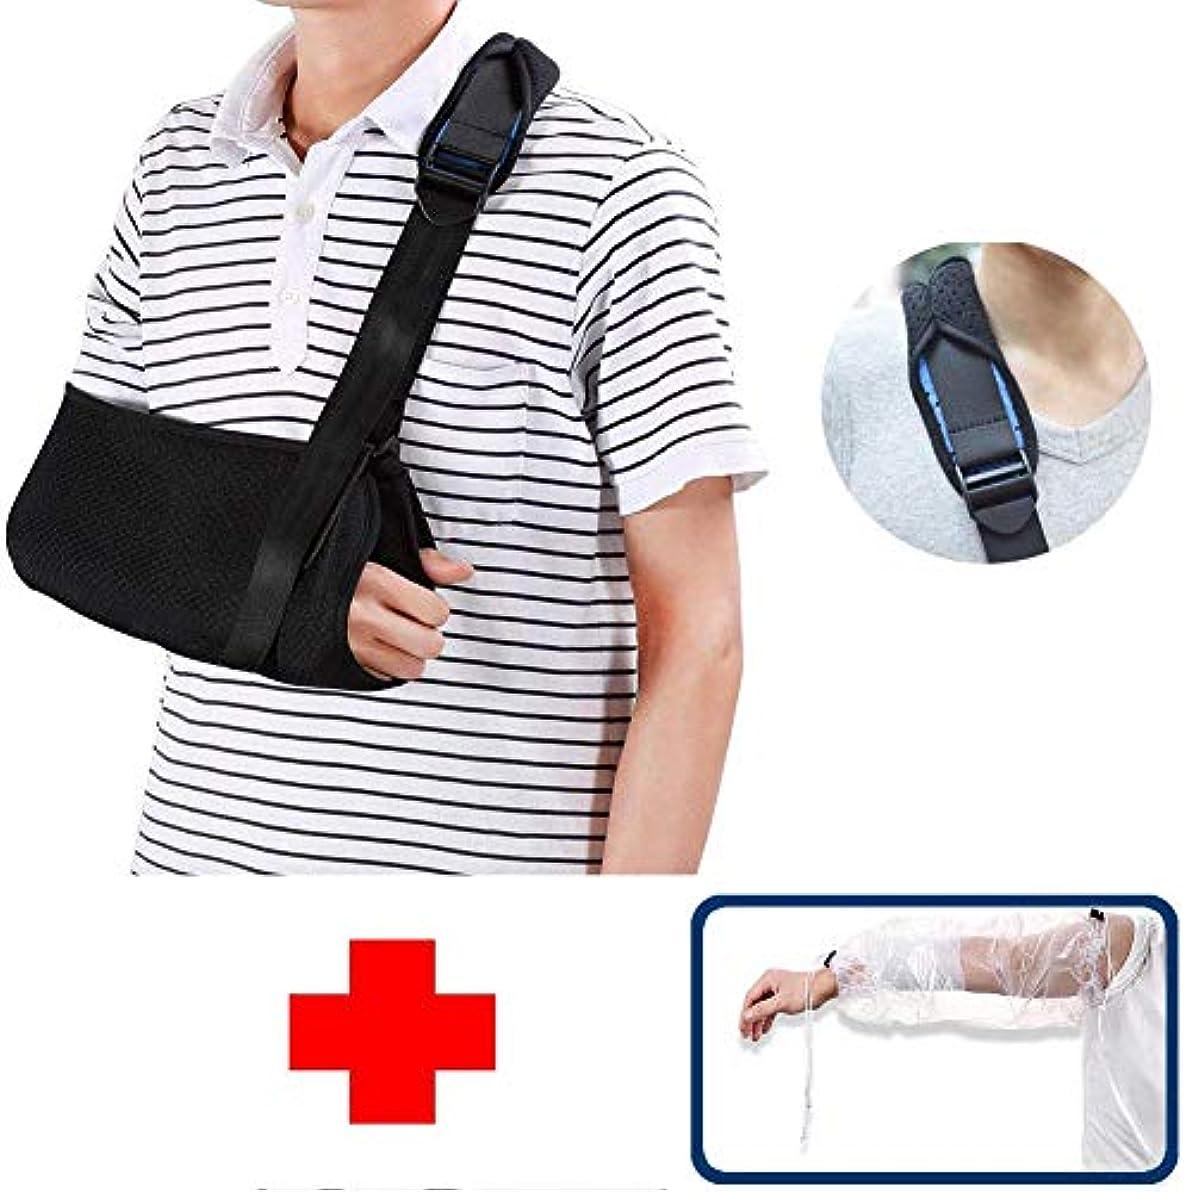 必要性死にかけている変わるアームスリング、左右アーム肘サポート用防水アームキャストカバー付き調節可能な壊れたアームイモビライザー、S